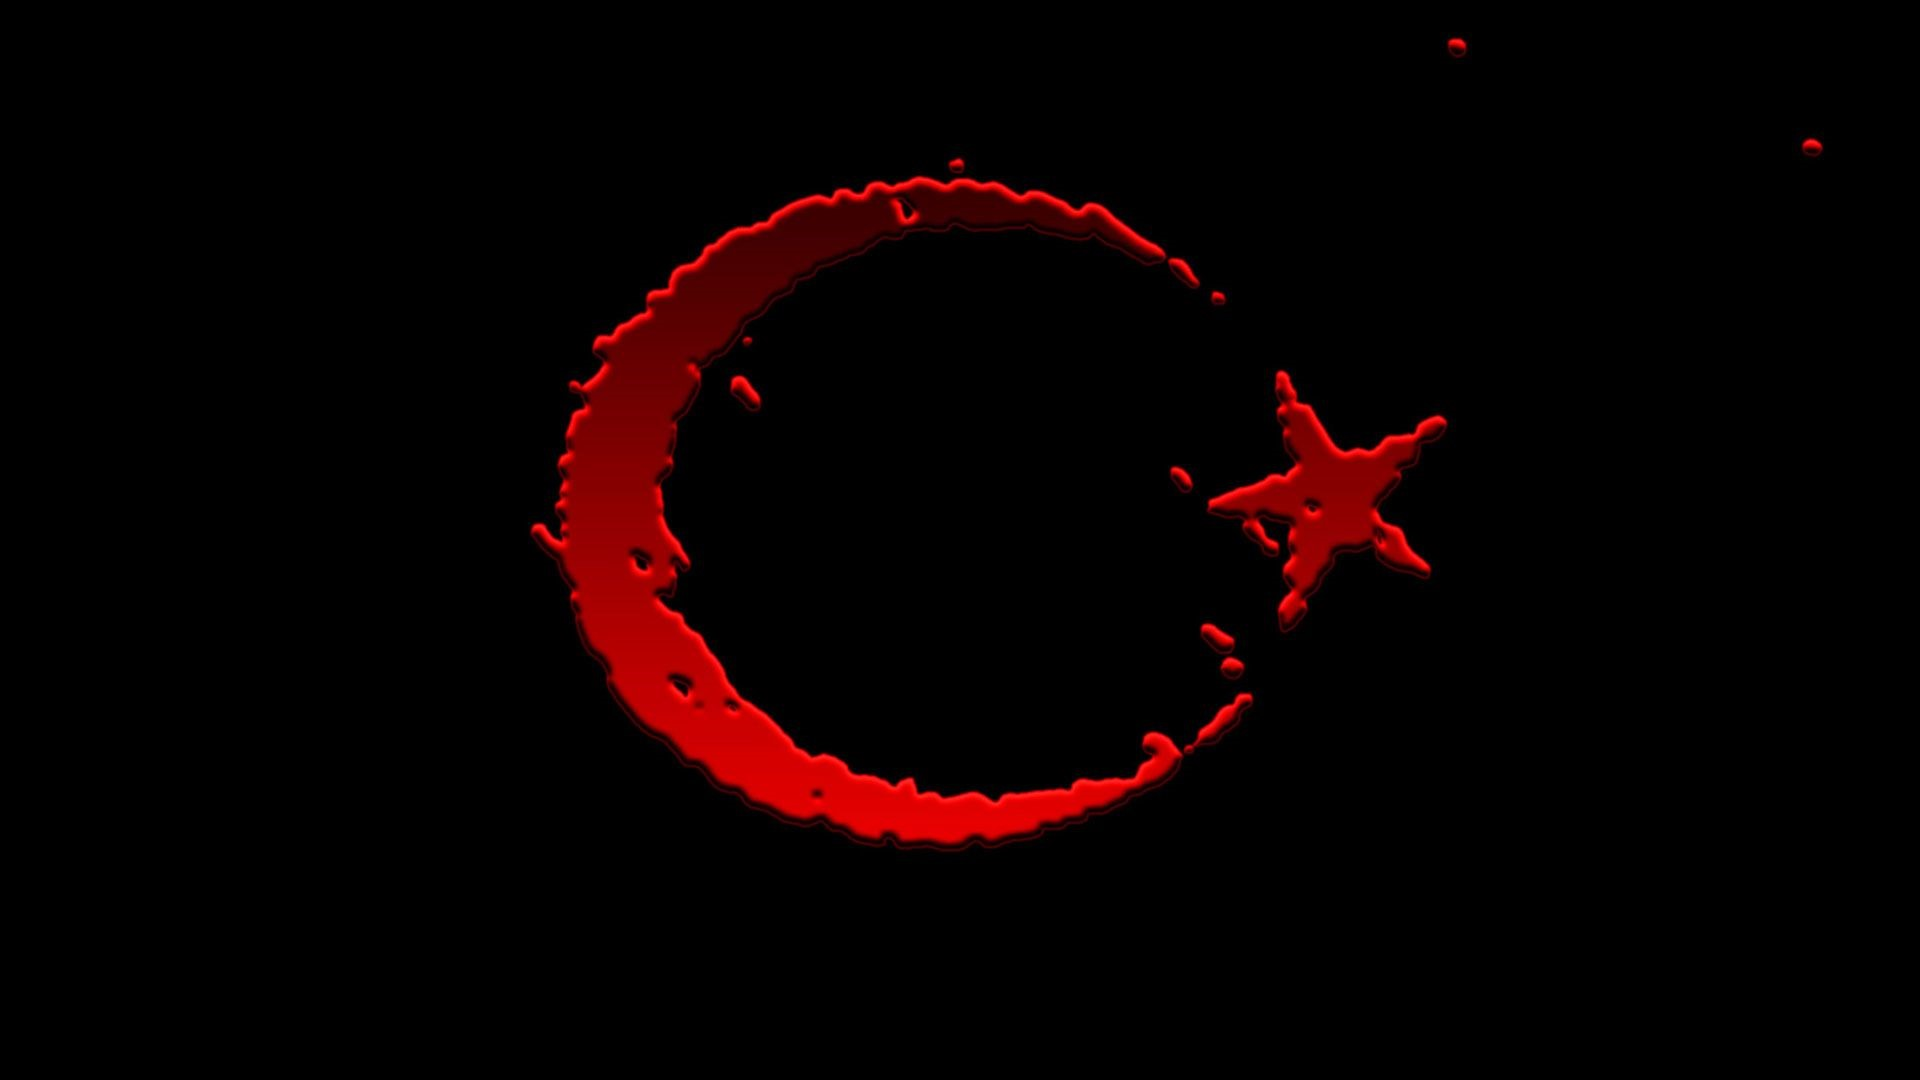 Türk Bayrağı Hd Duvarkağıtları Resim Resimleri Foto